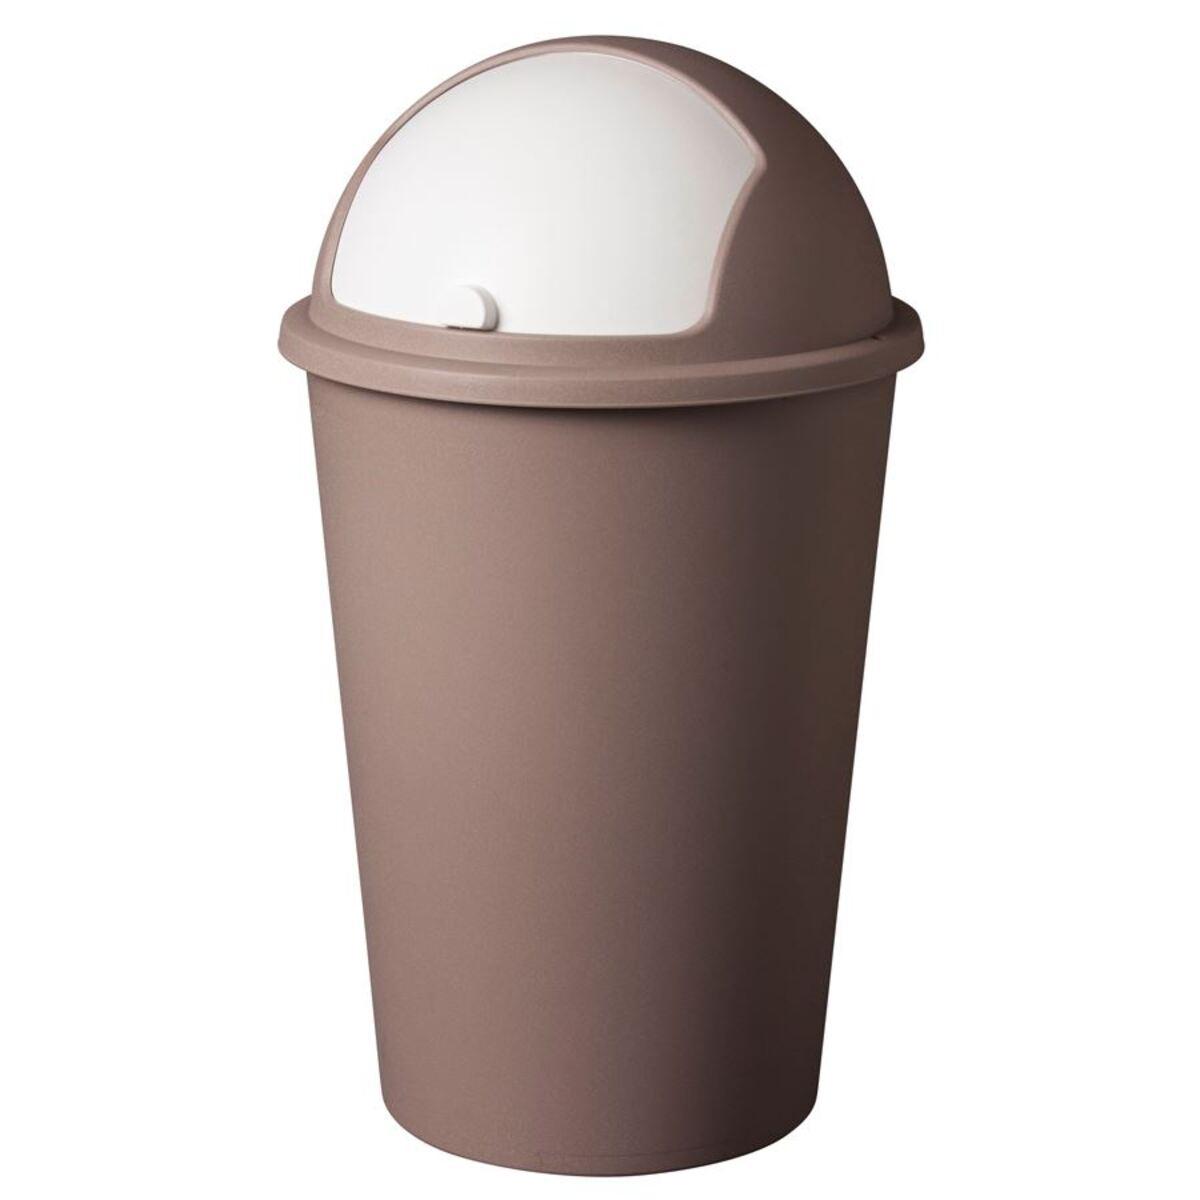 Bild 4 von Push Bin Abfalleimer 50 Liter